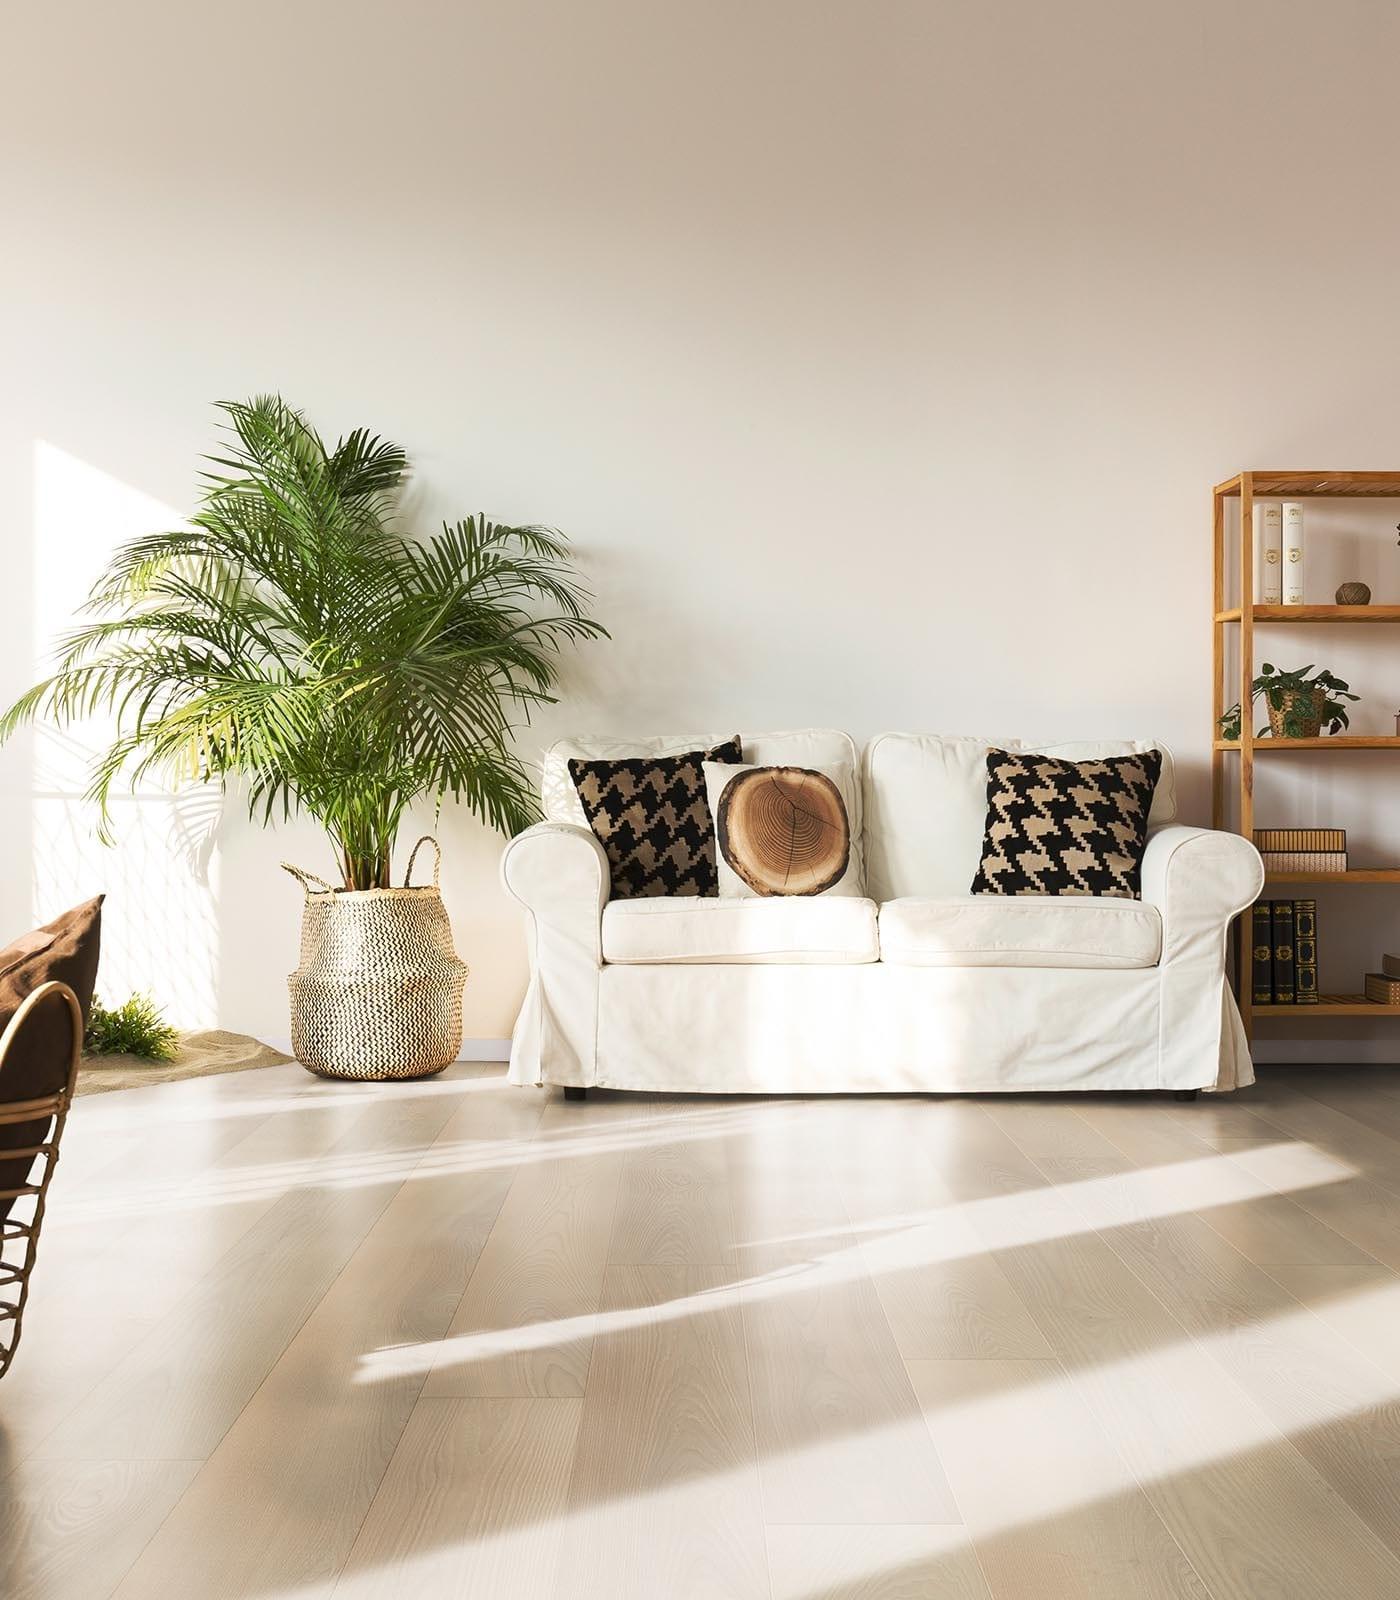 Seville-European Ash floors-After Oak Collection - room